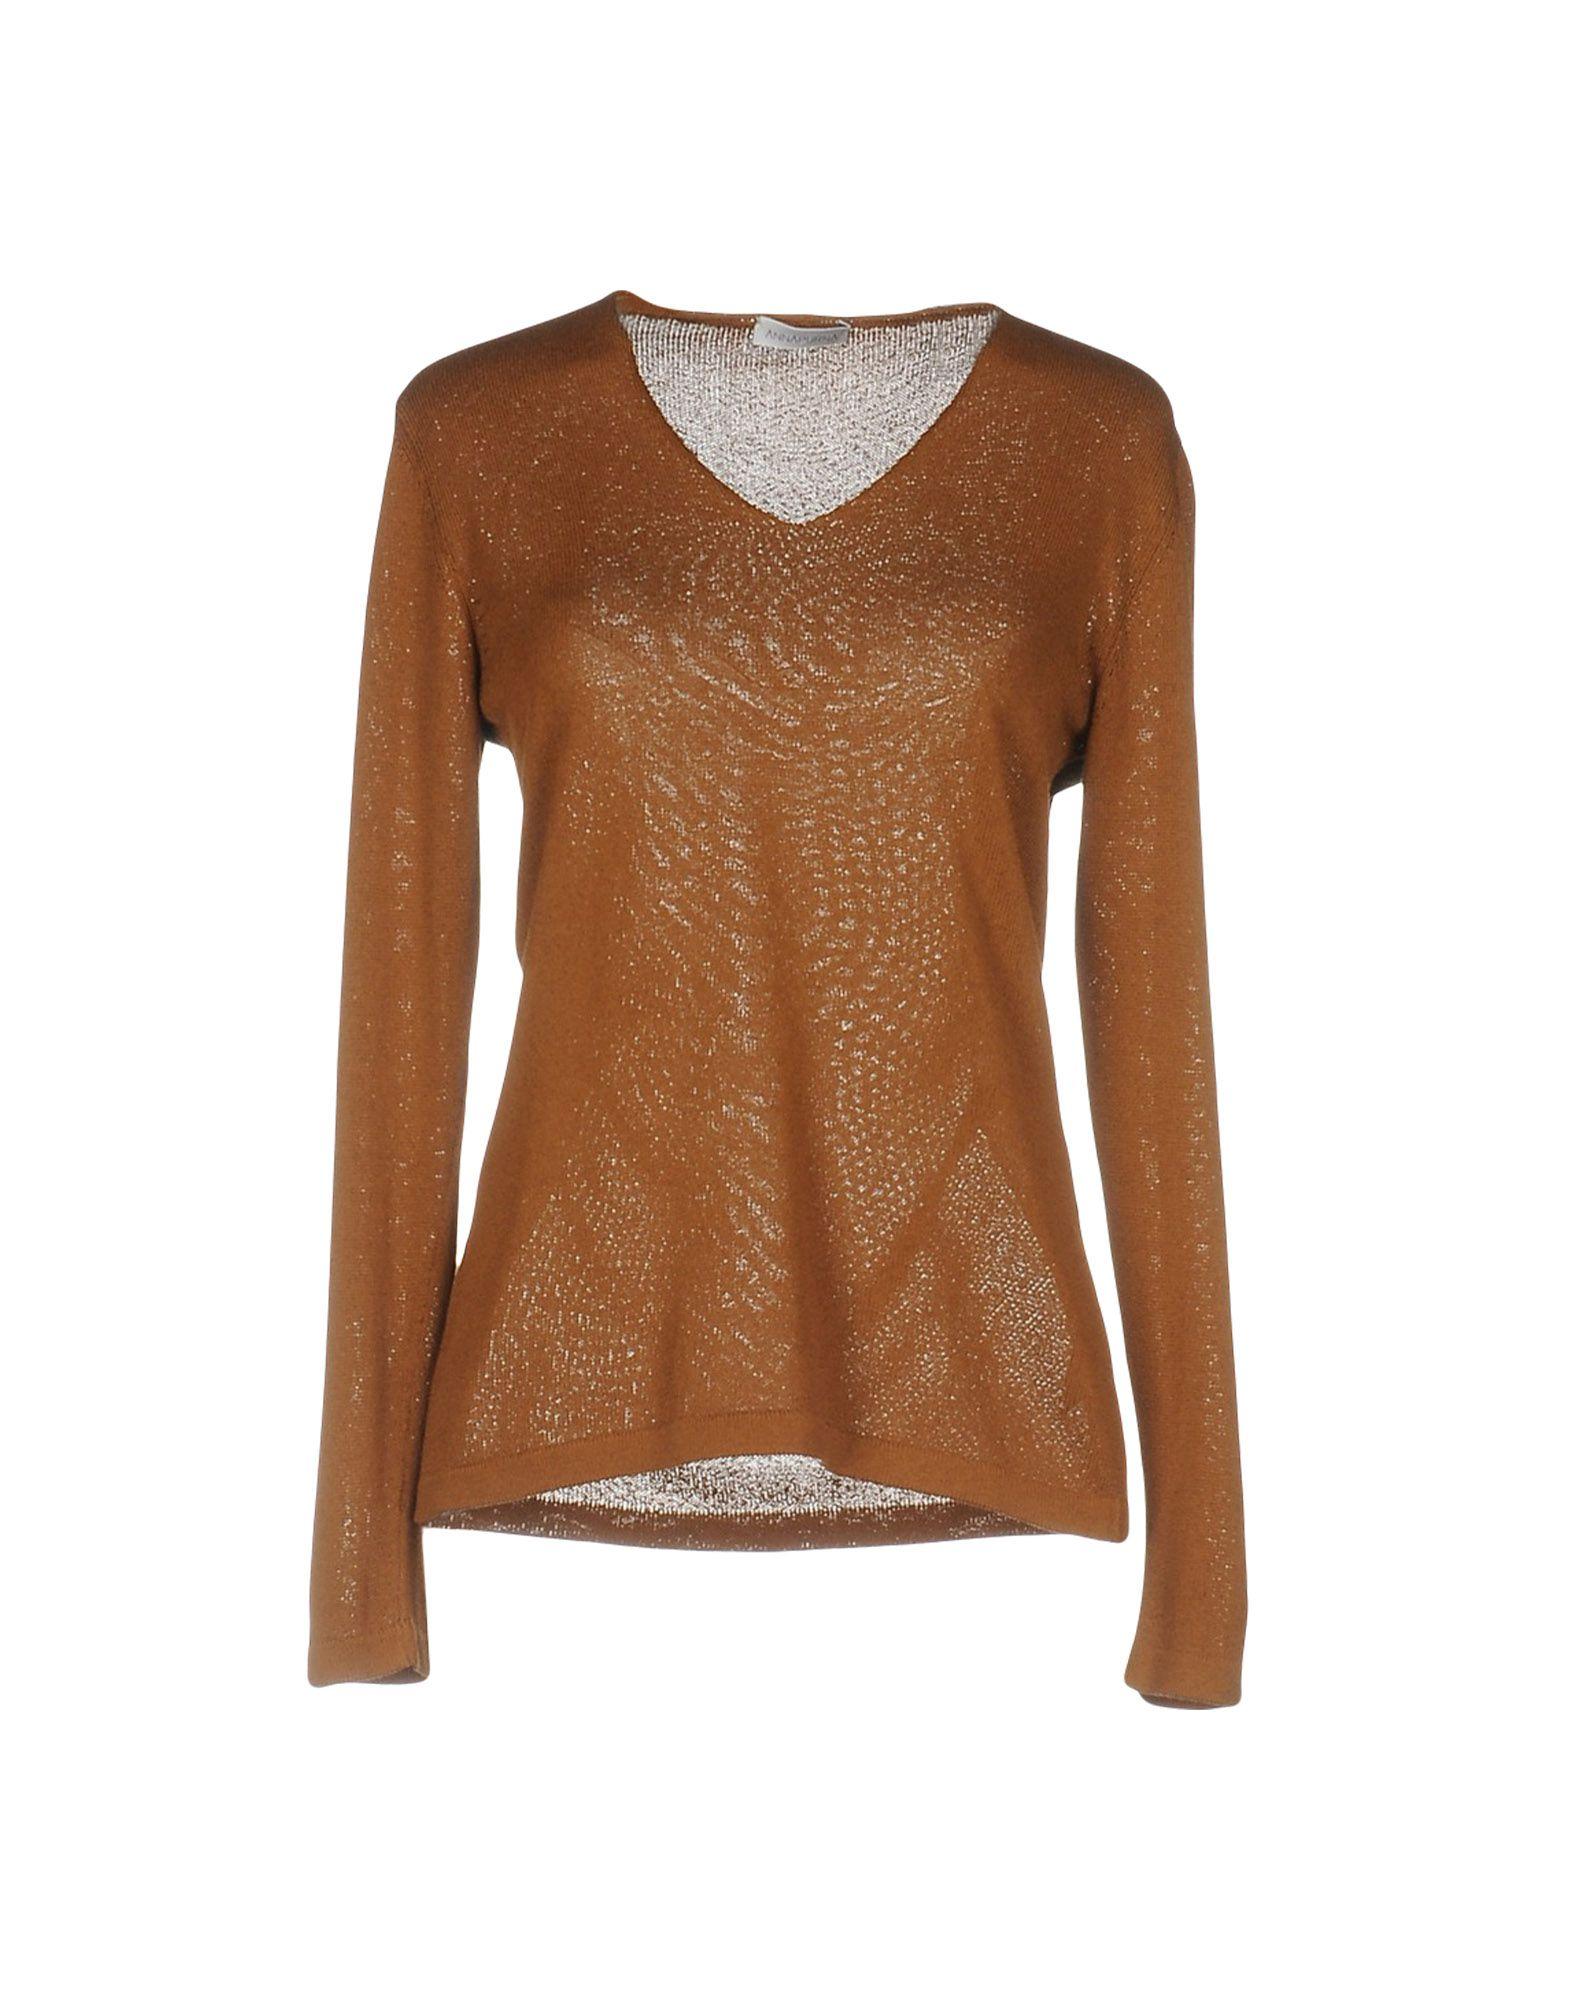 Pullover Annapurna Donna - Acquista online su BdTz5